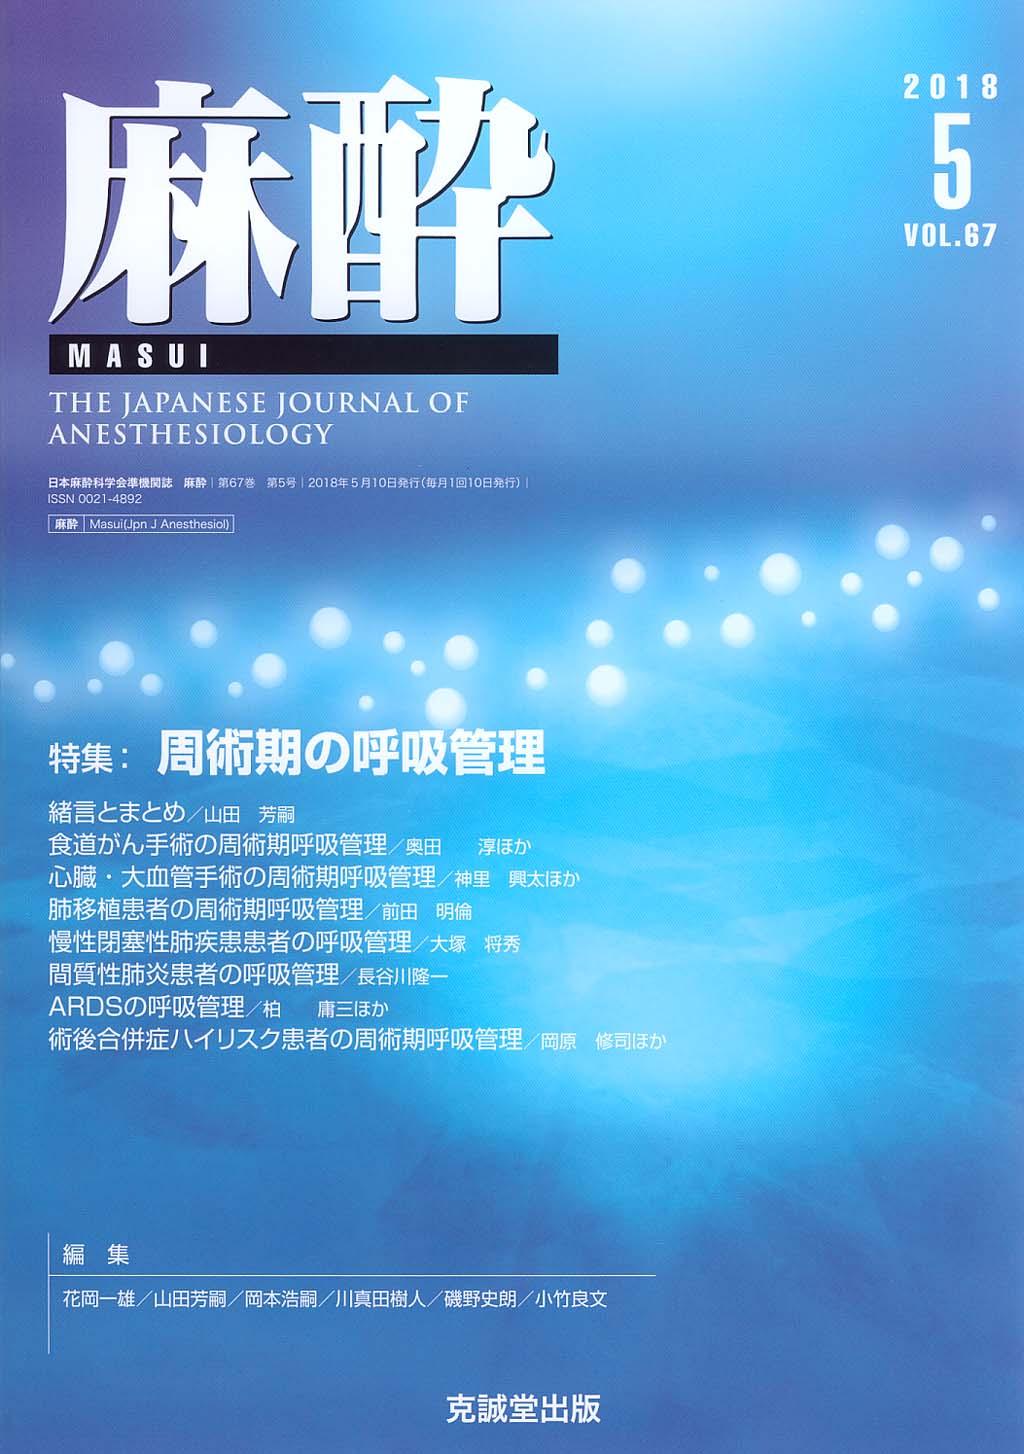 麻酔 第67巻第5号(2018年5月号)